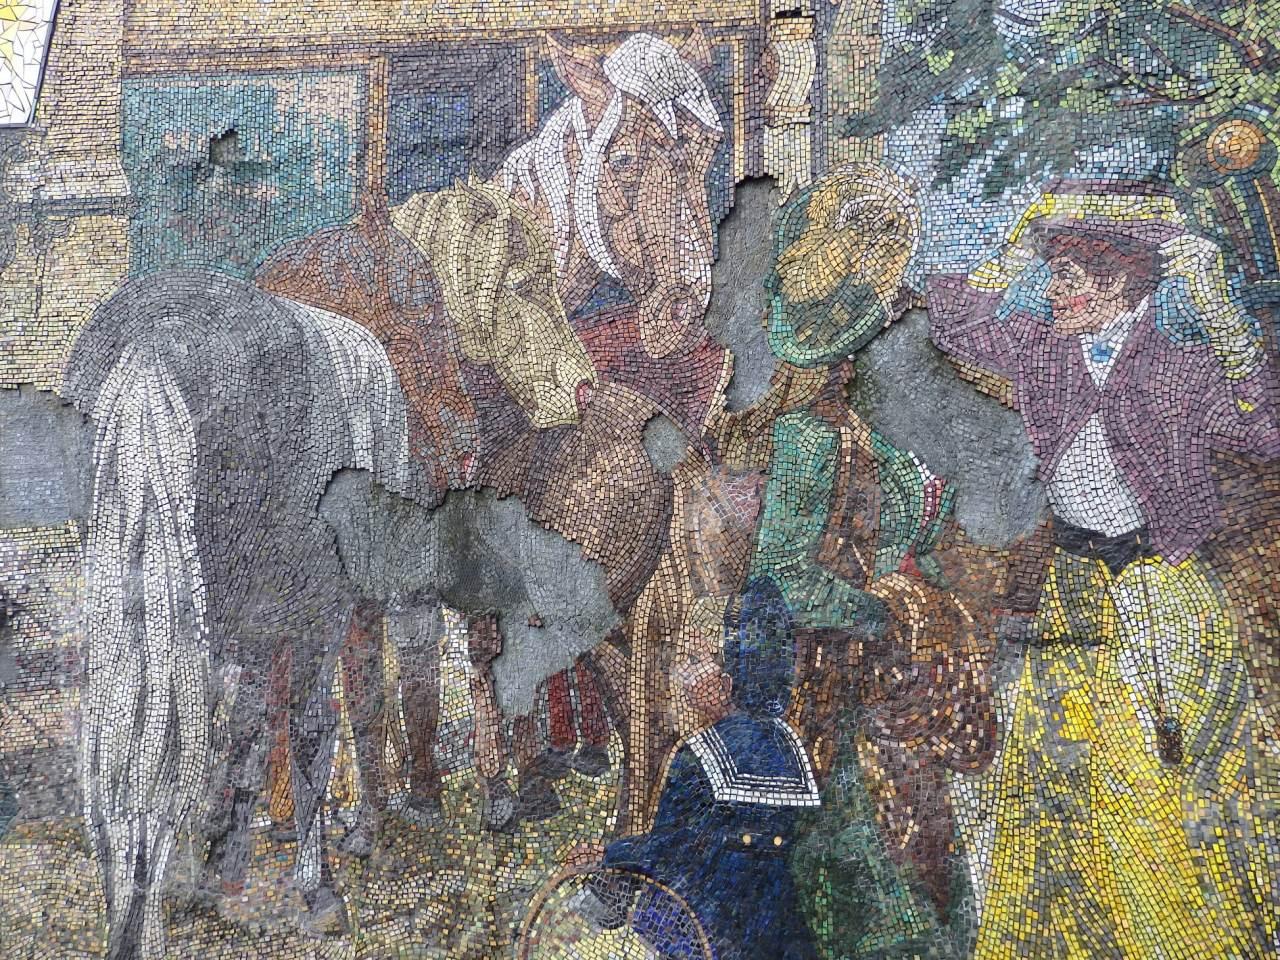 Horse fair by Kenneth Budd in Central Birmingham